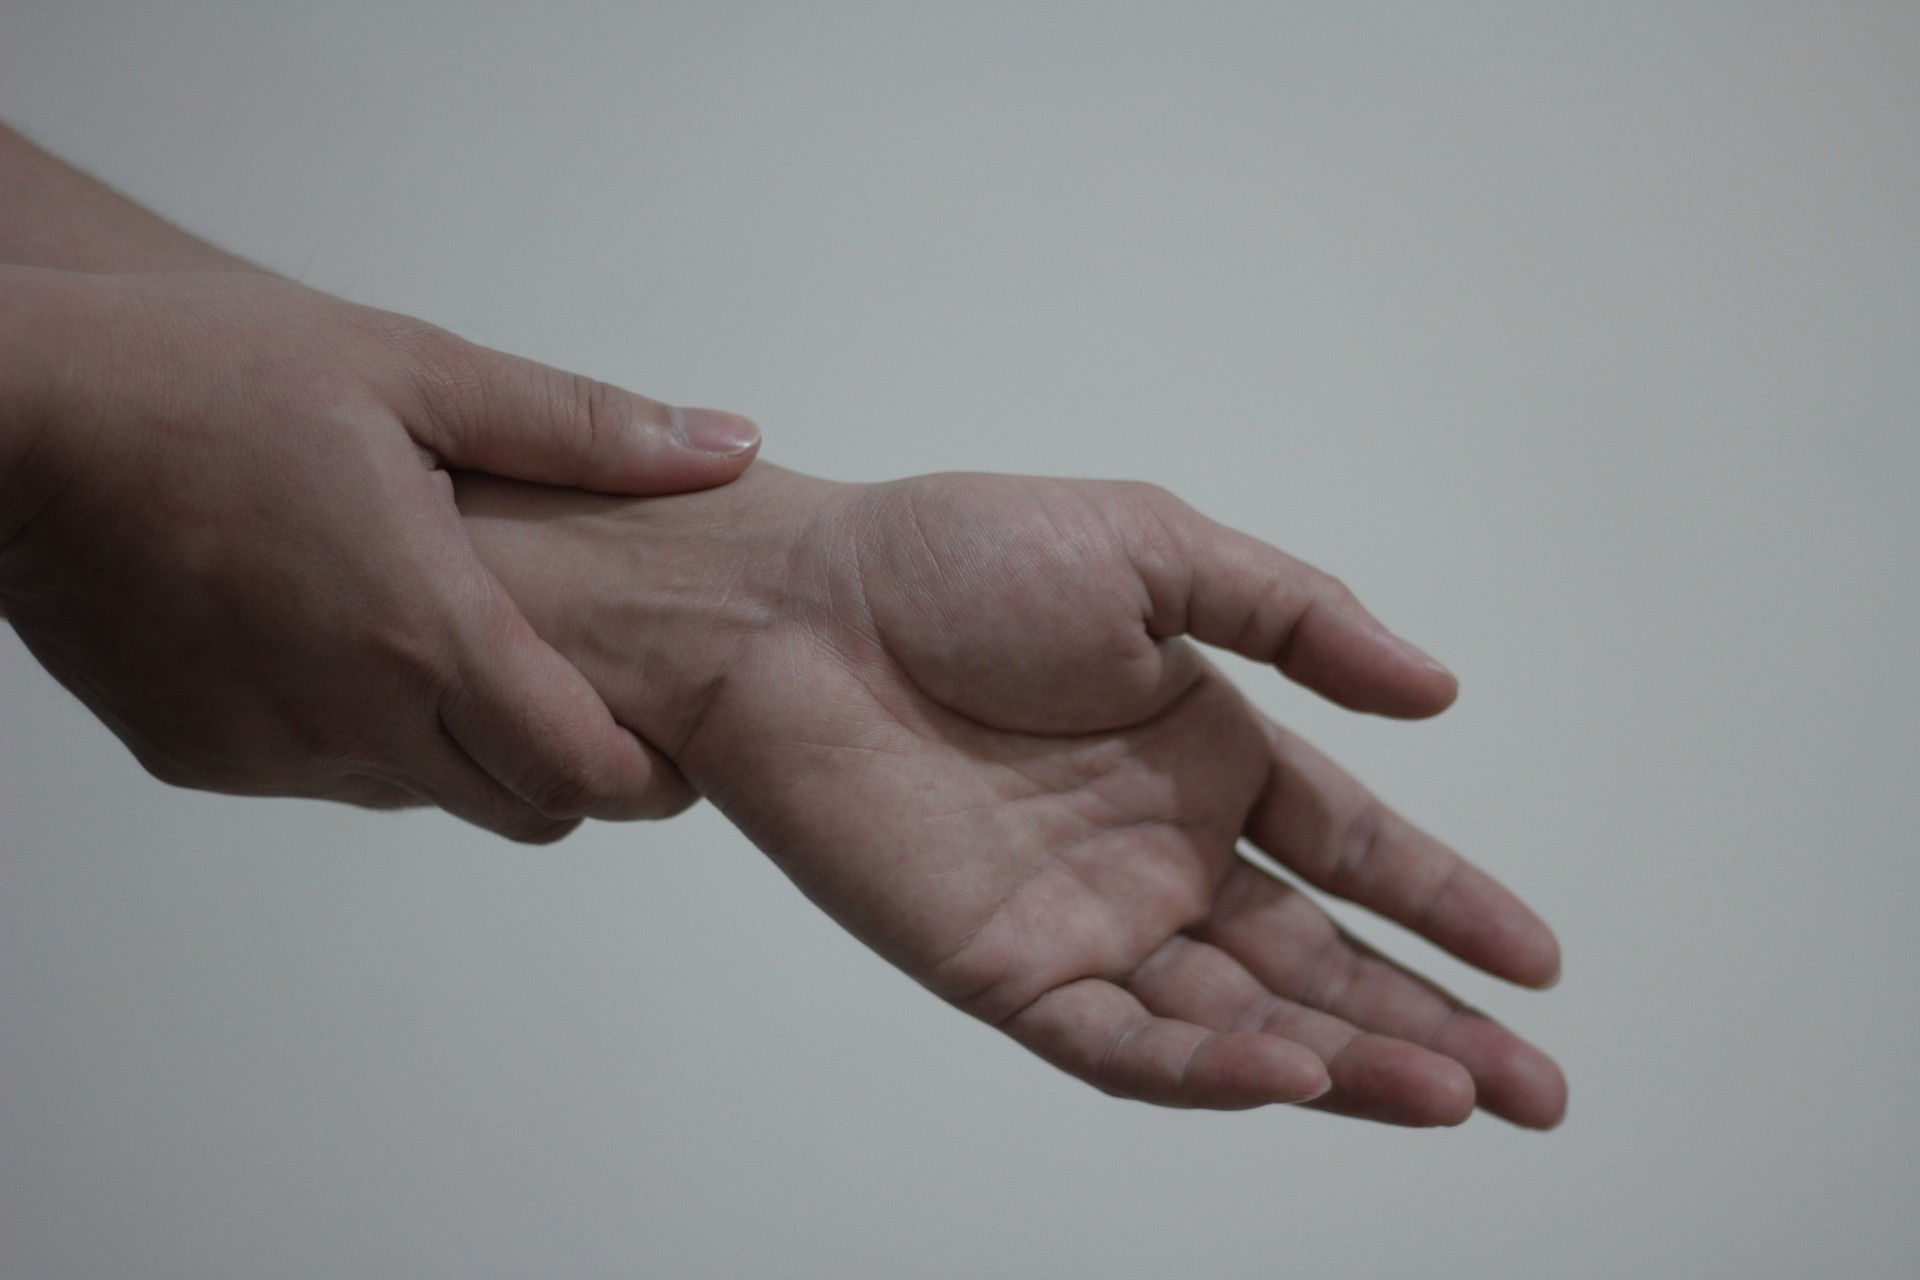 首こり、肩こりが原因の手のしびれの原因と対策とは?